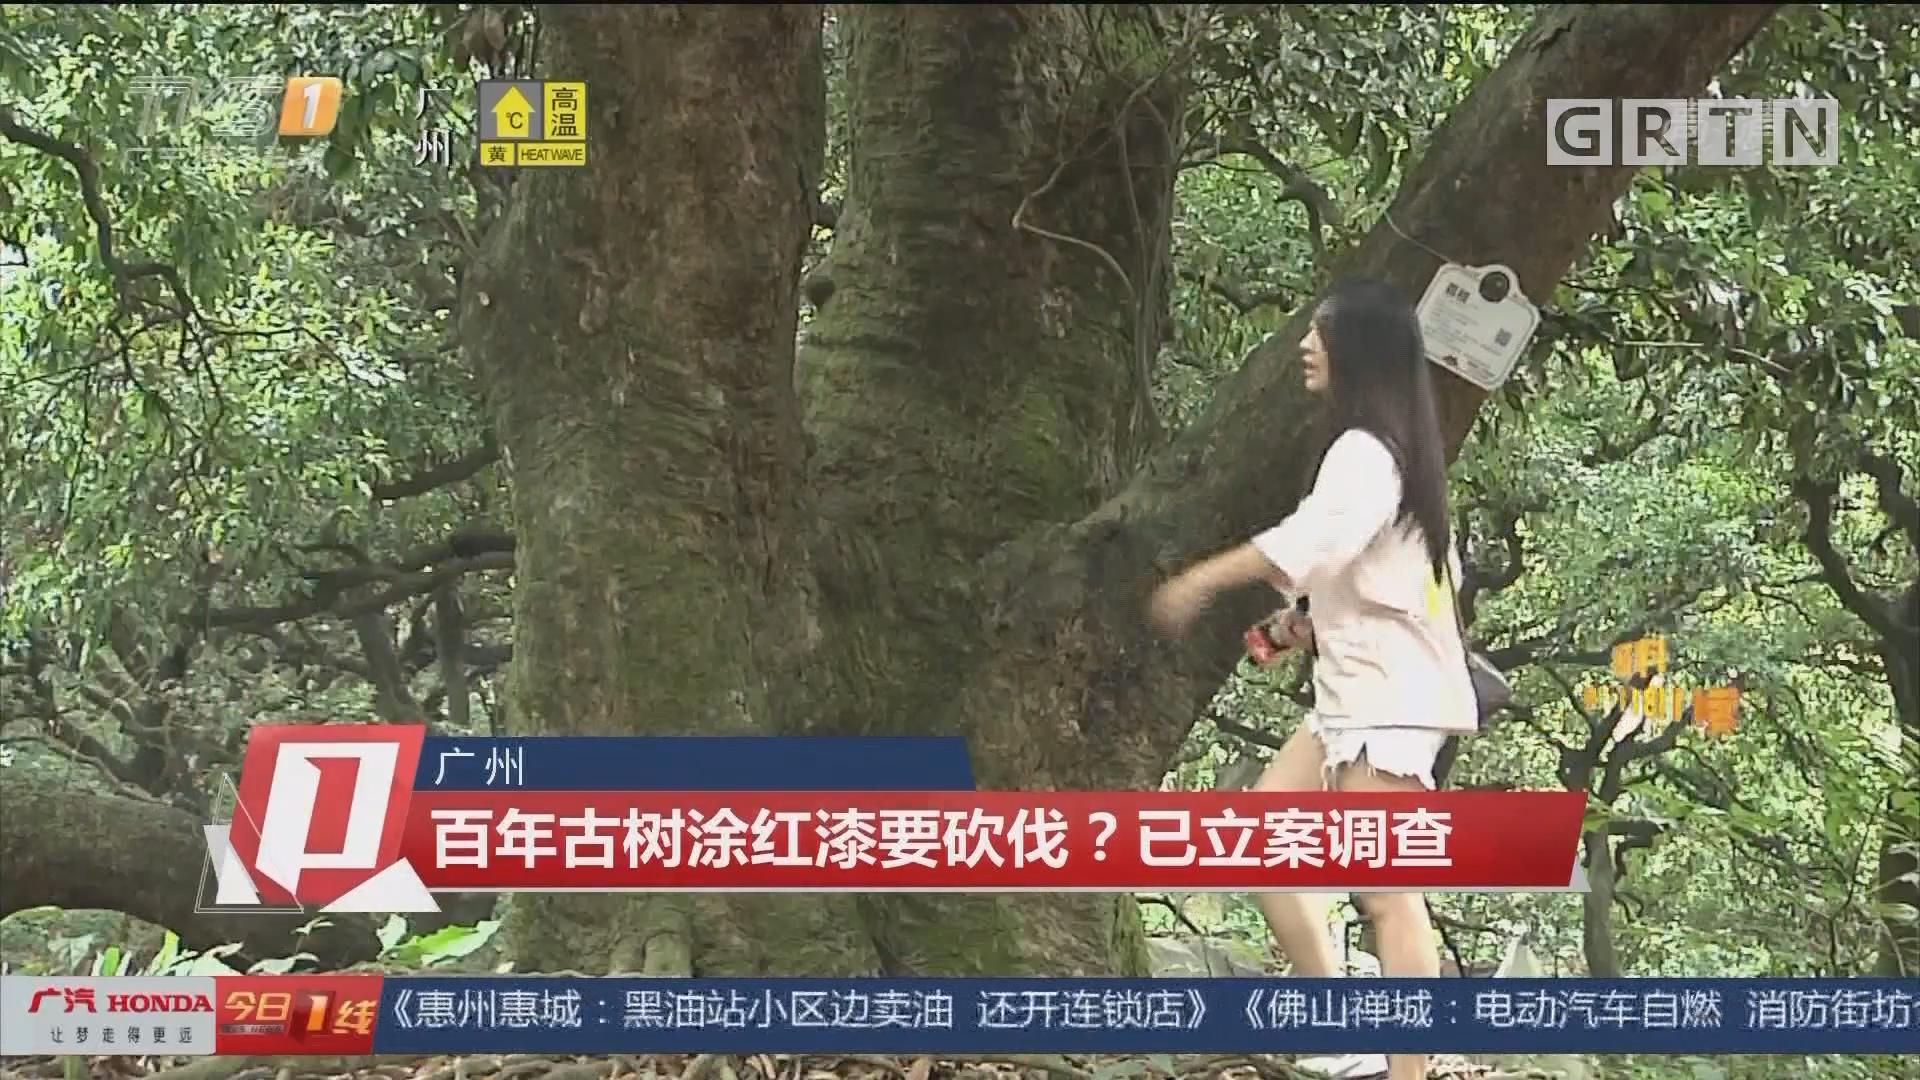 广州 百年古树涂红漆要砍伐?已立案调查